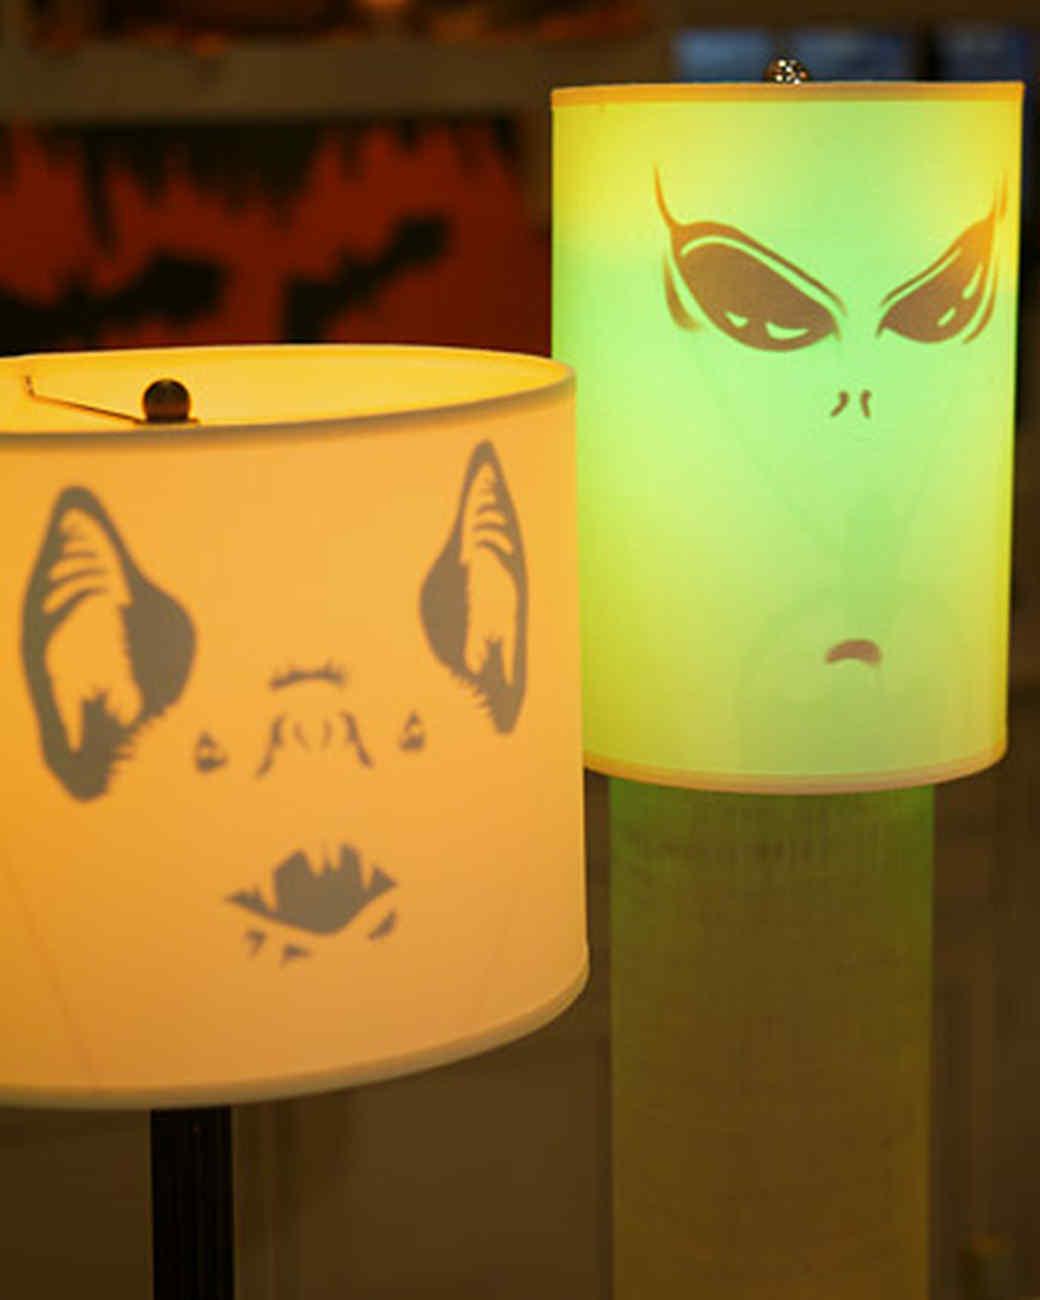 4032_102808_ghoulishlamps.jpg